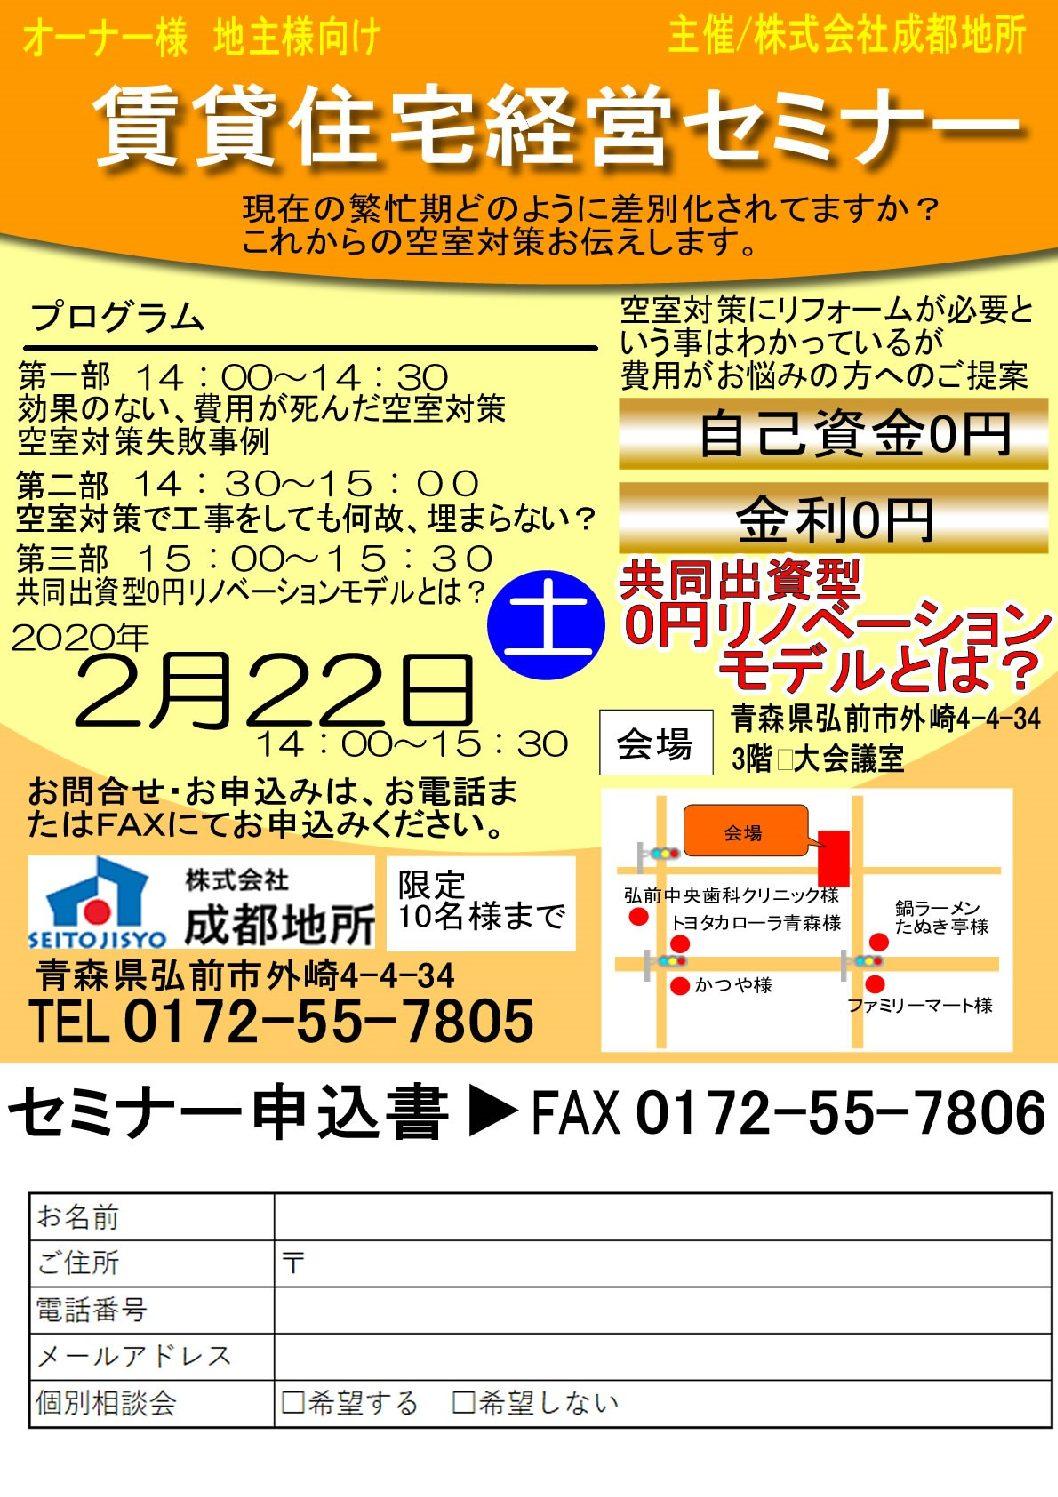 賃貸住宅経営セミナー